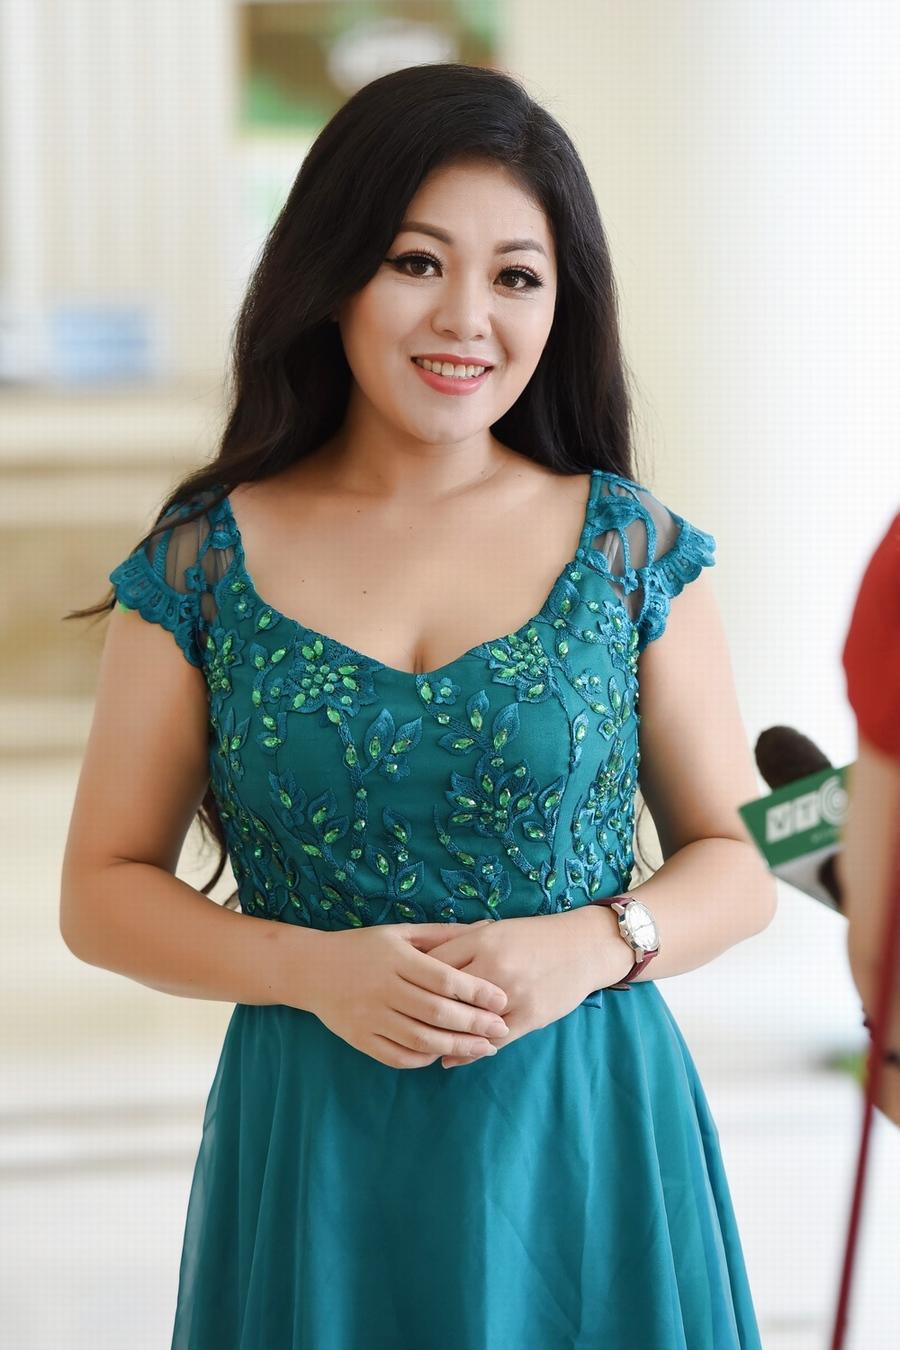 Giải trí - Ca sĩ Anh Thơ mặc váy đính 100 viên kim cương trong liveshow mới (Hình 5).